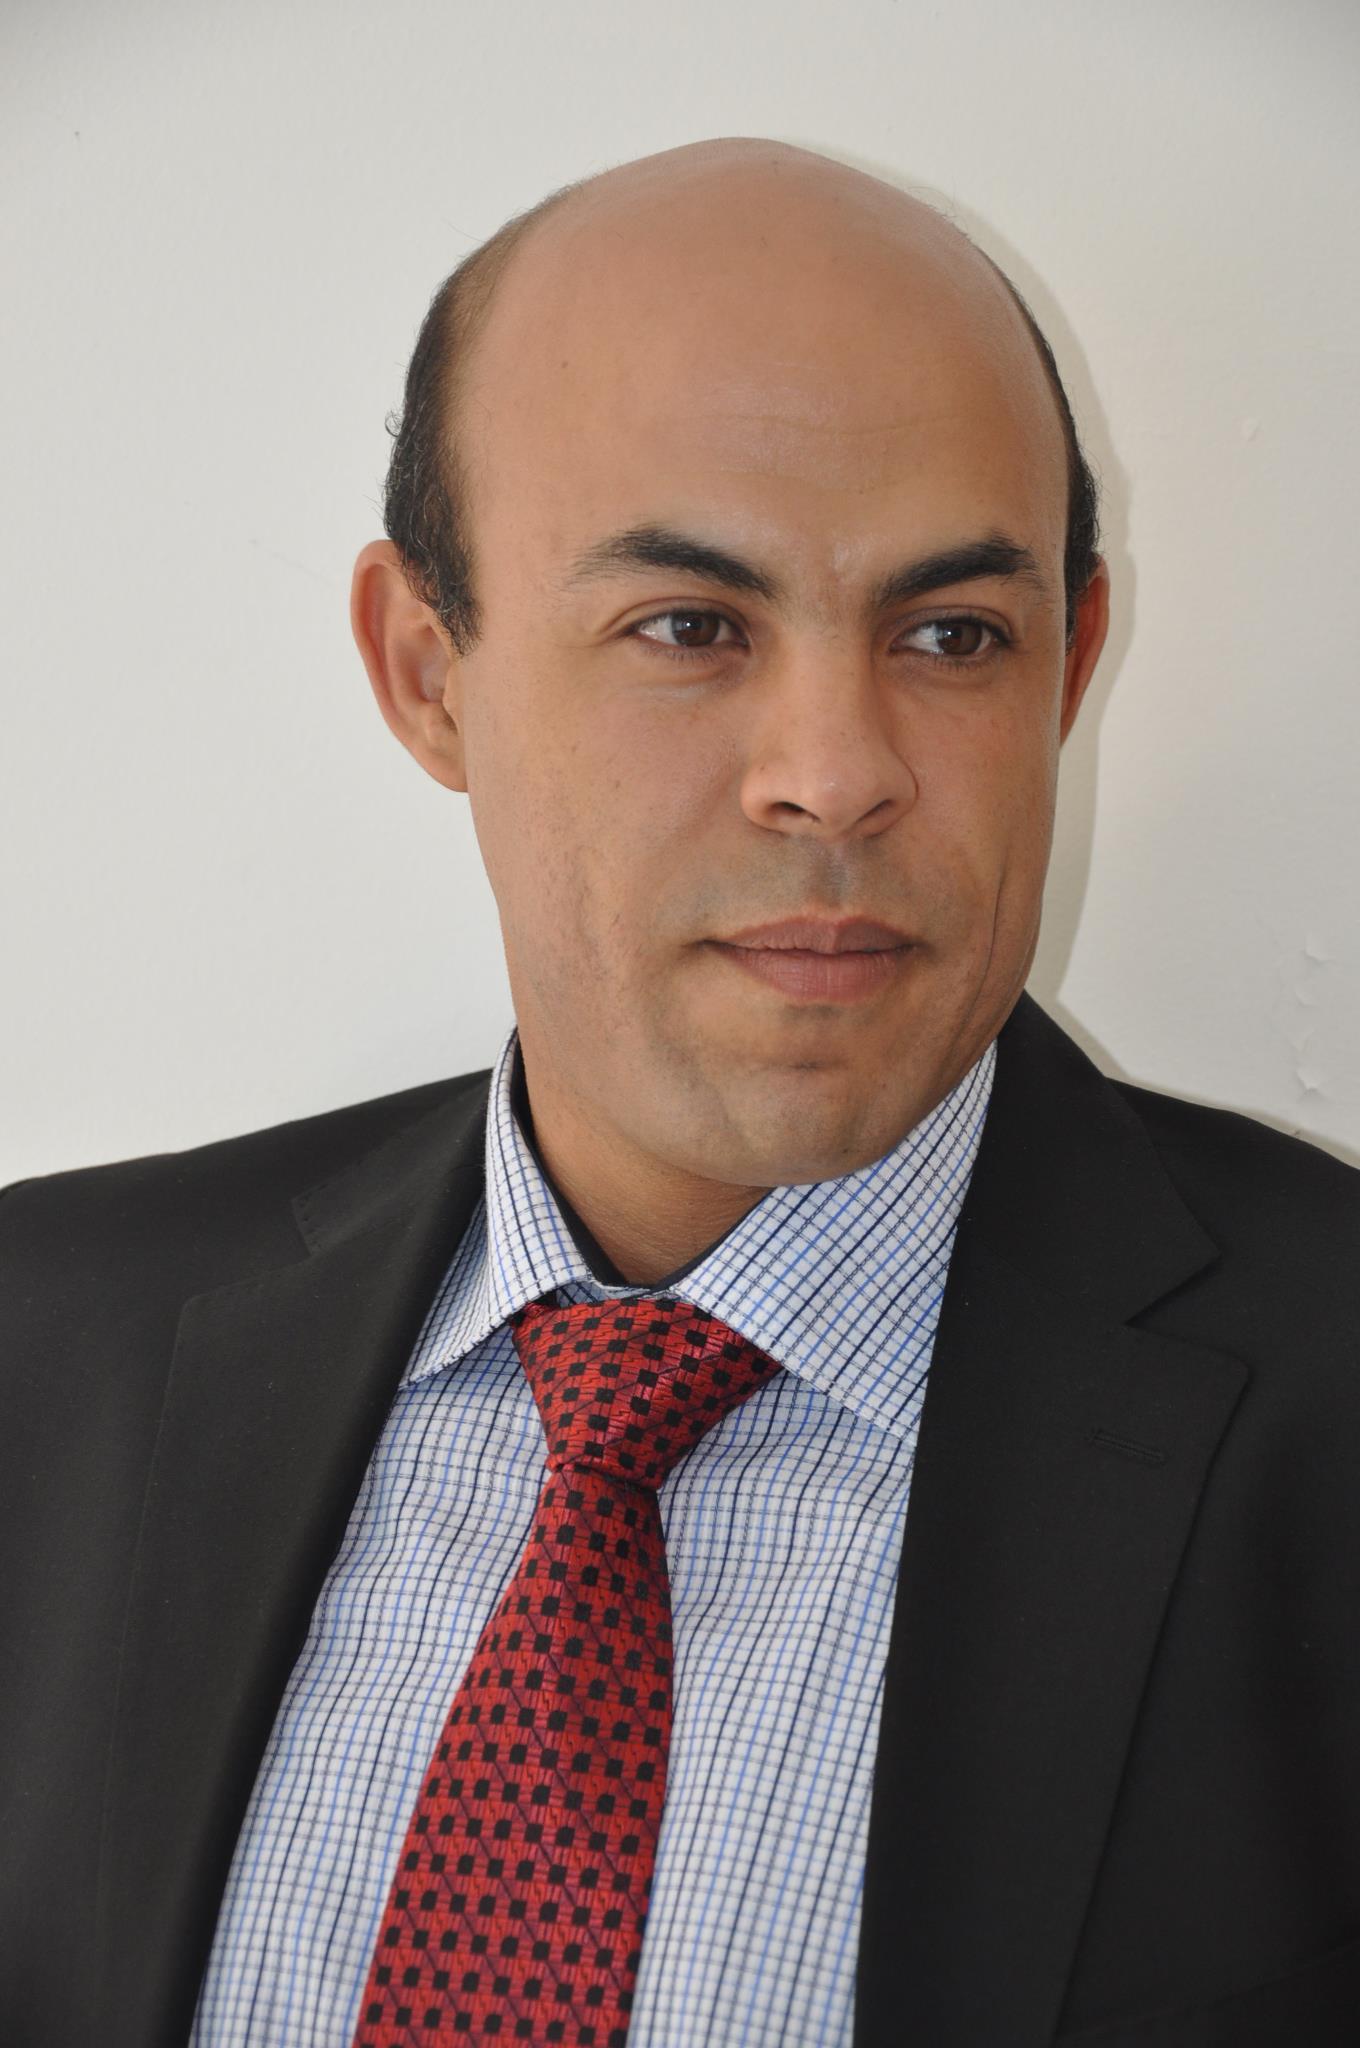 فقدان الشهية السياسيةبقلم: أمين جوطي